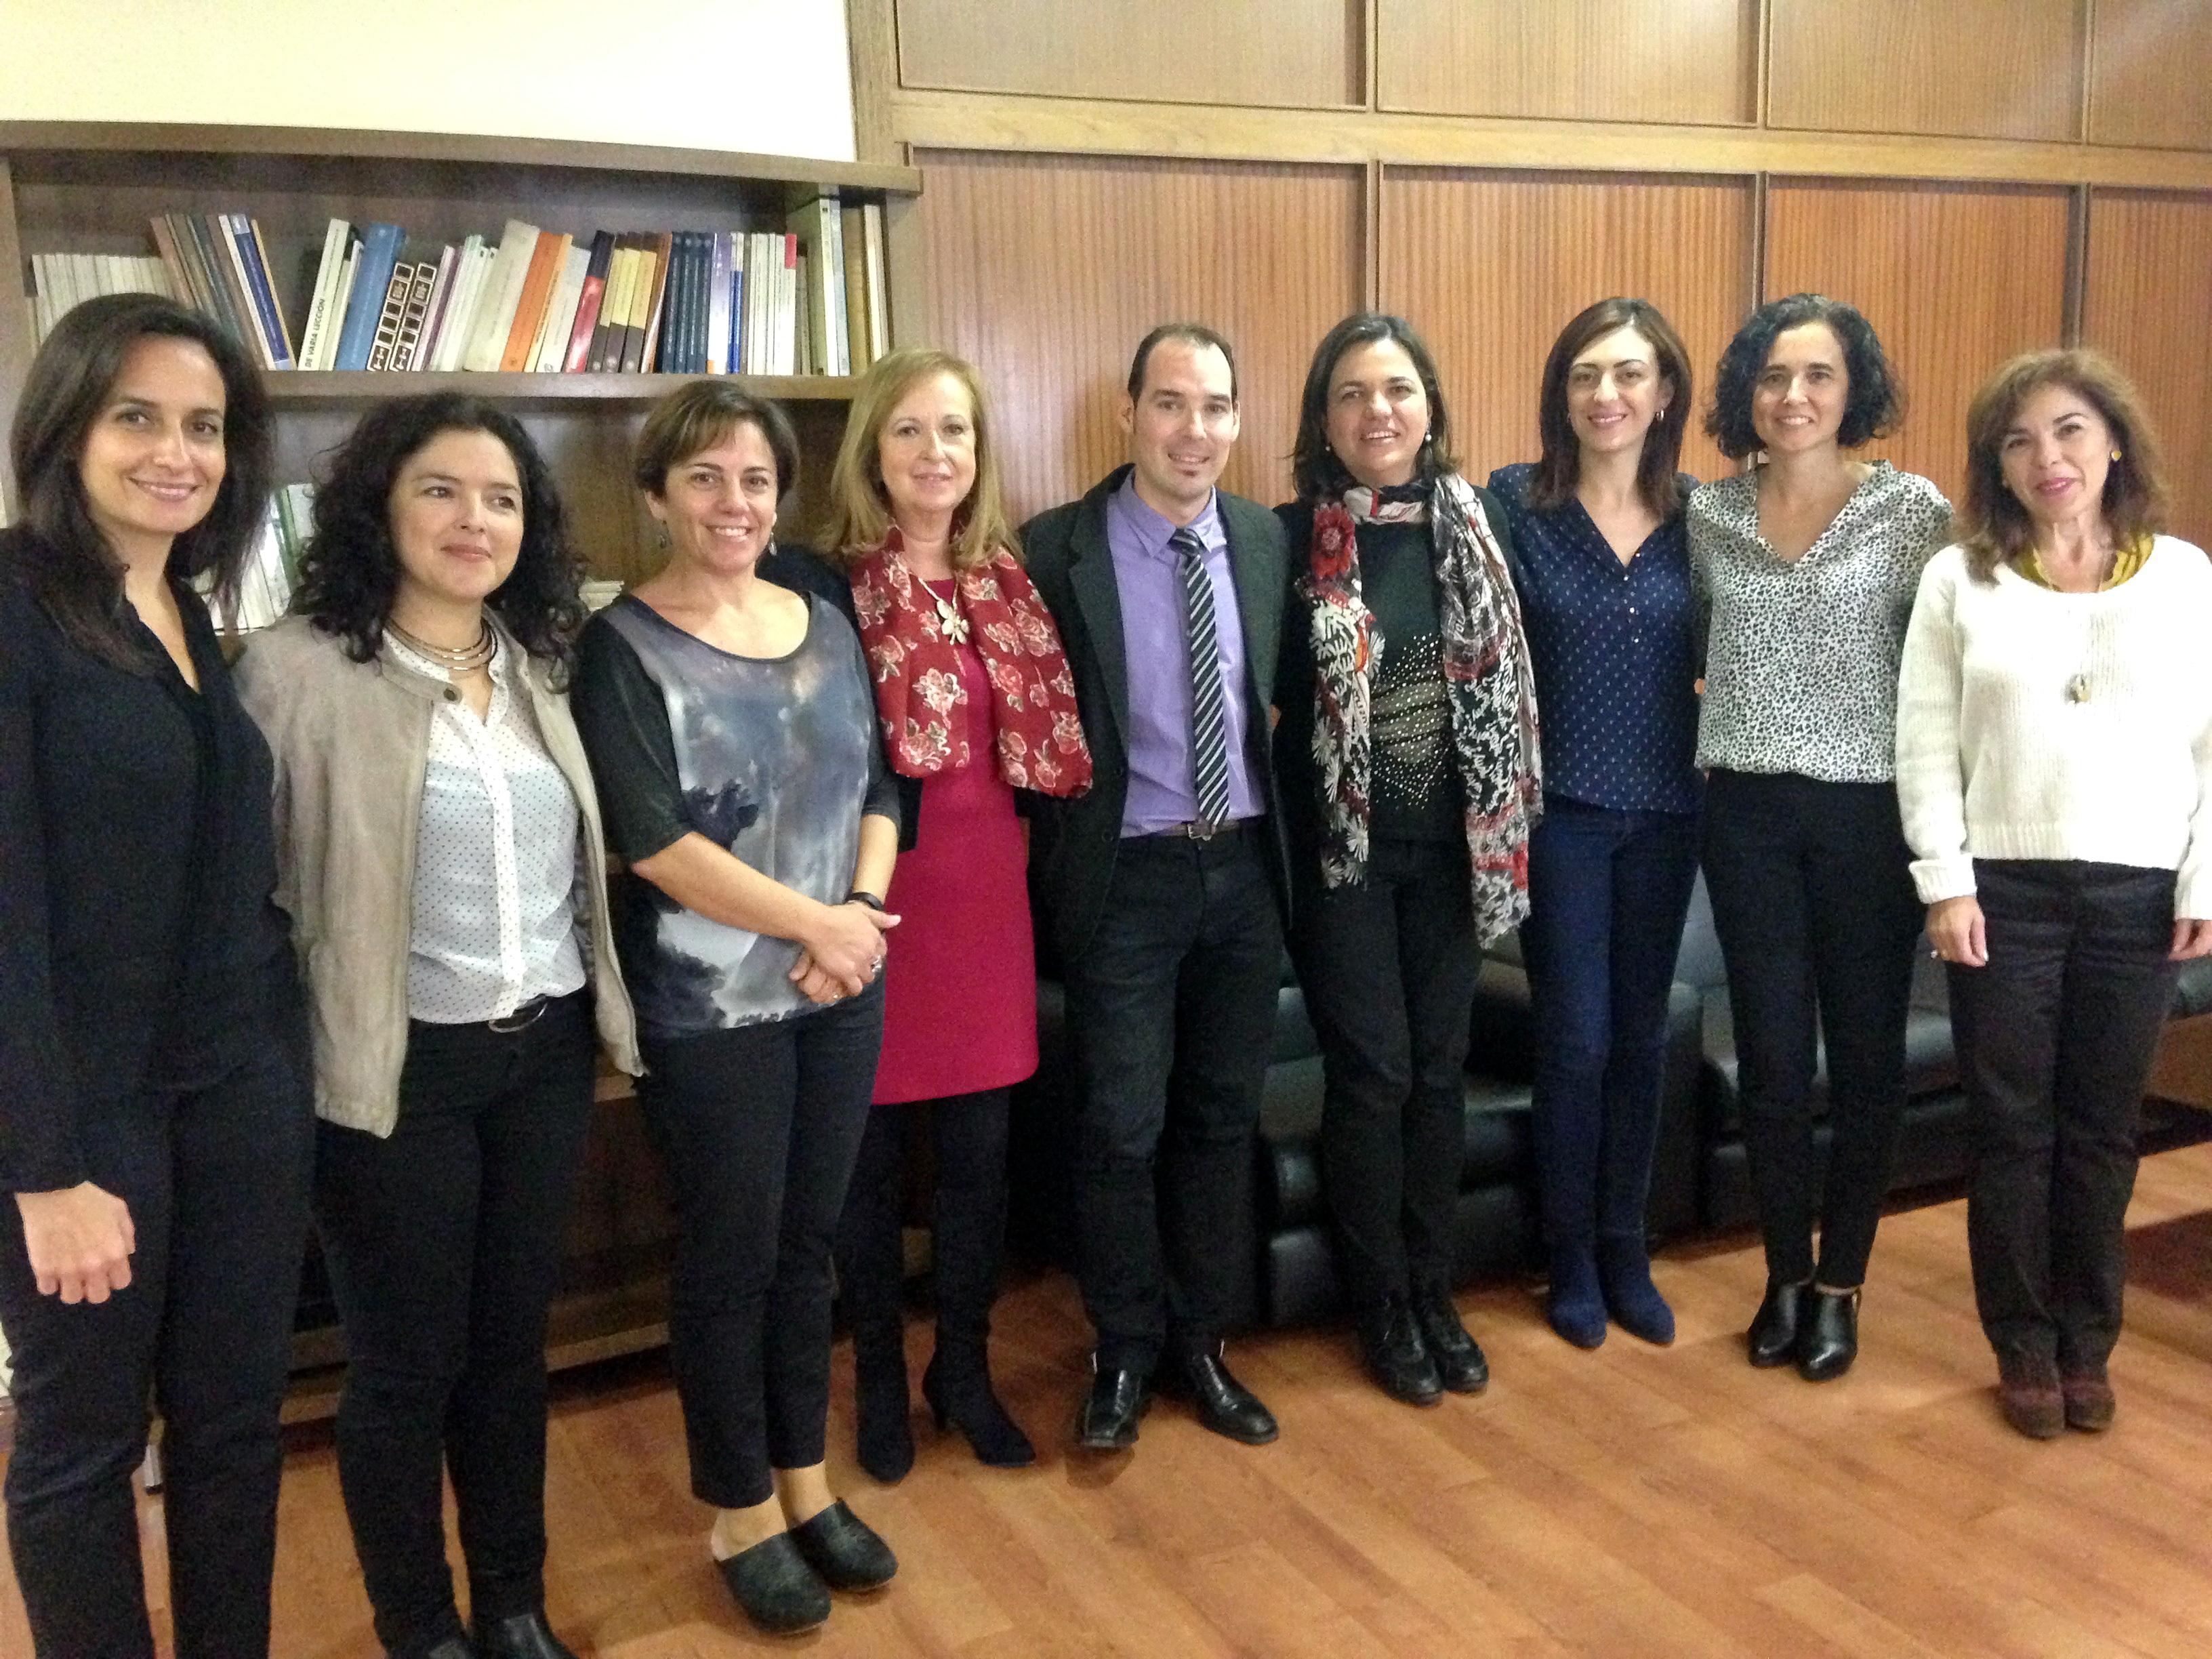 La coordinadora de Radio Usal, Elena Villegas, nuevo miembro del consejo de dirección de la Asociación de Radios Universitarias